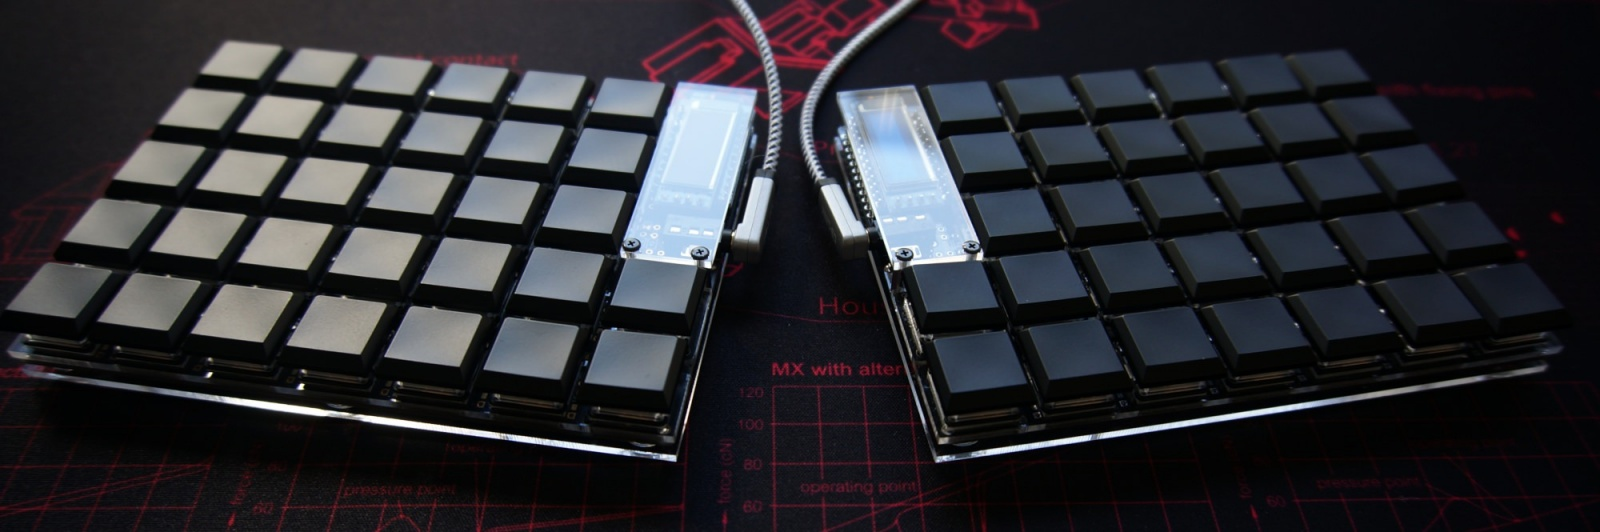 Ортолинейная сплит клавиатура — это что такое? Обзор Iris Keyboard - 10